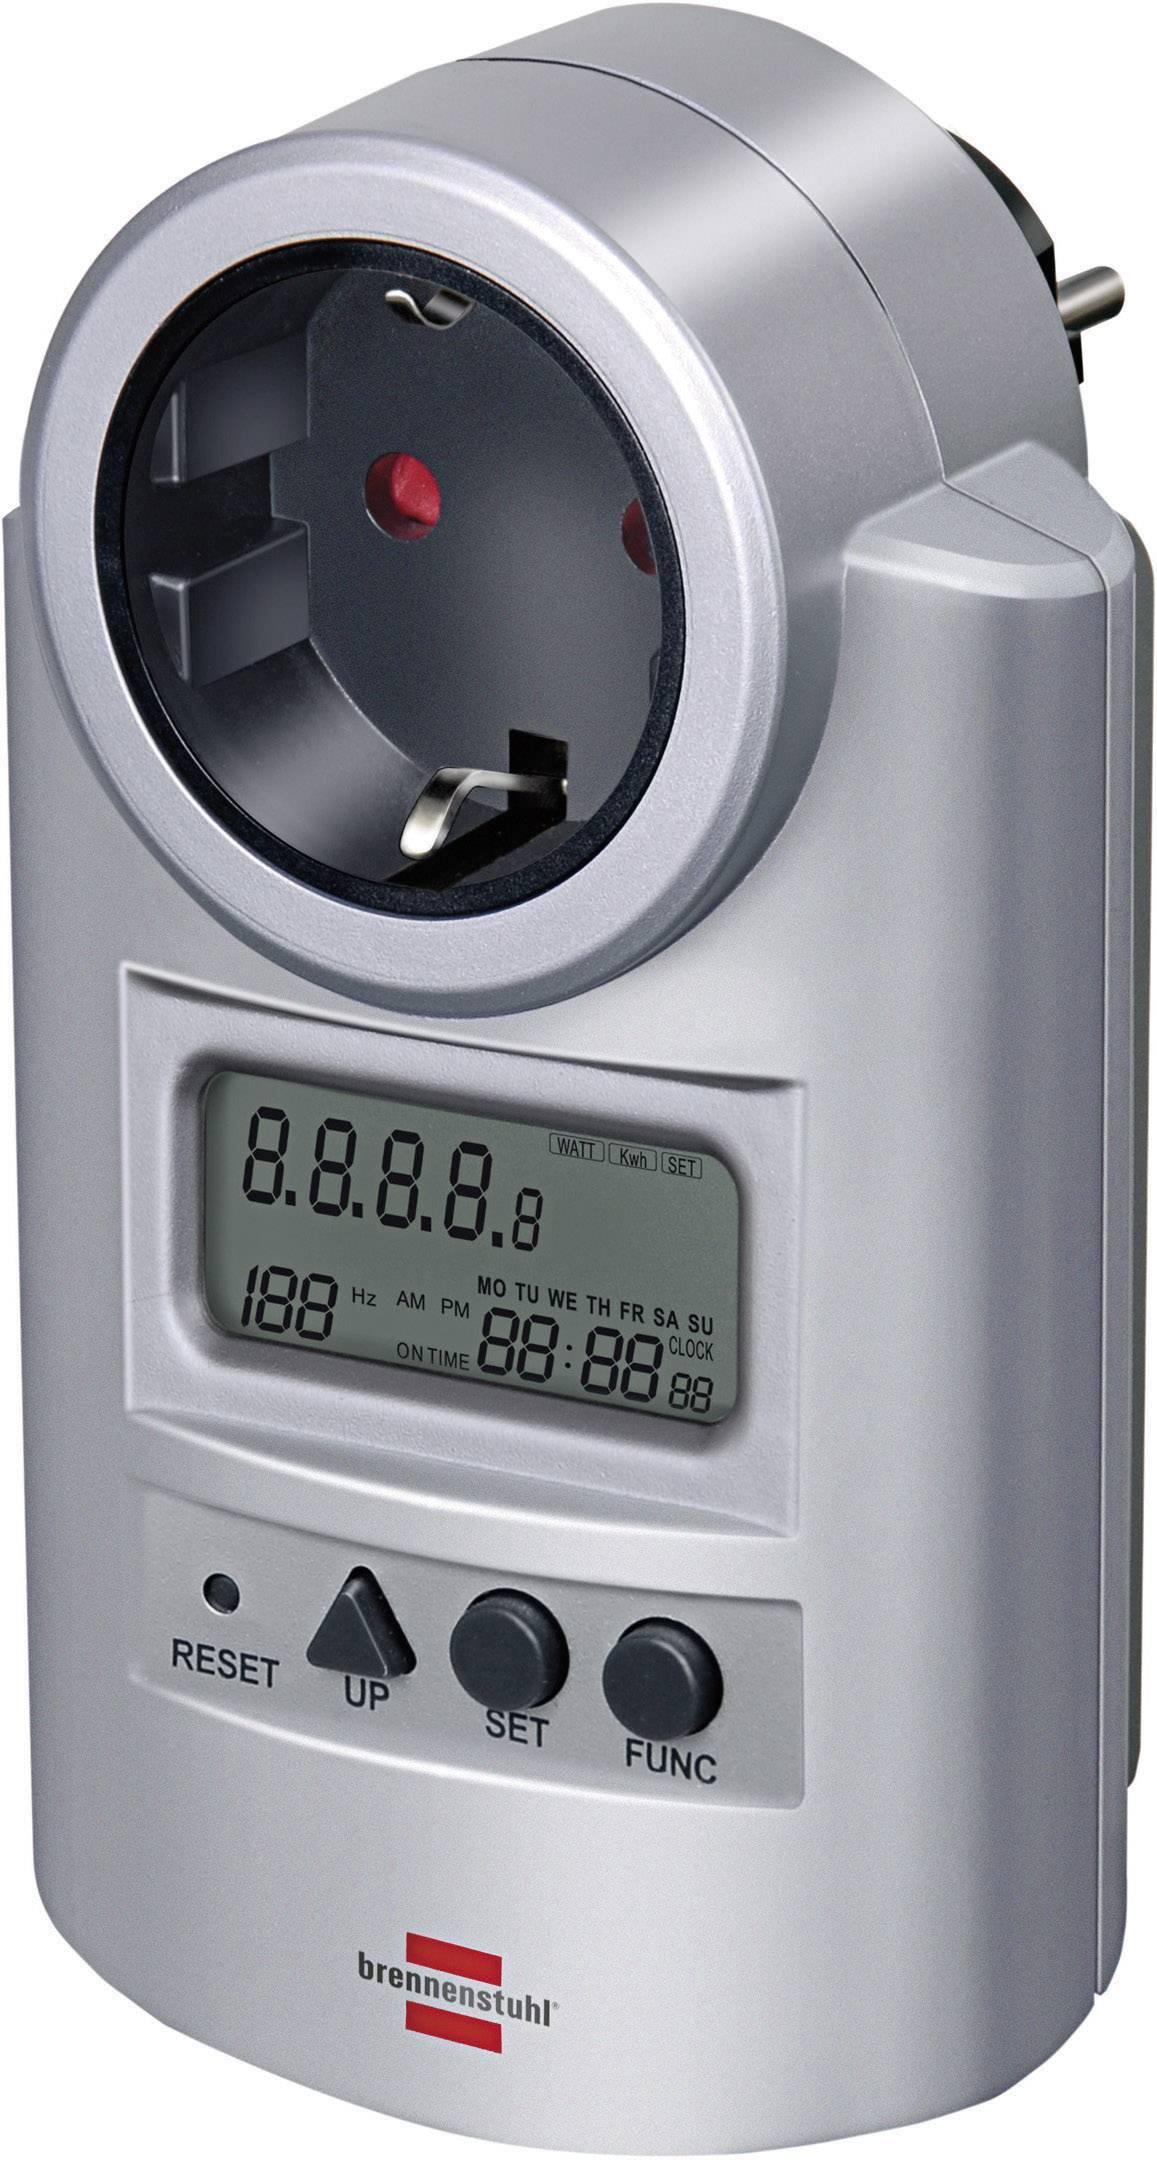 Merač spotreby el.energie Brennenstuhl PM 231 E, 1506600